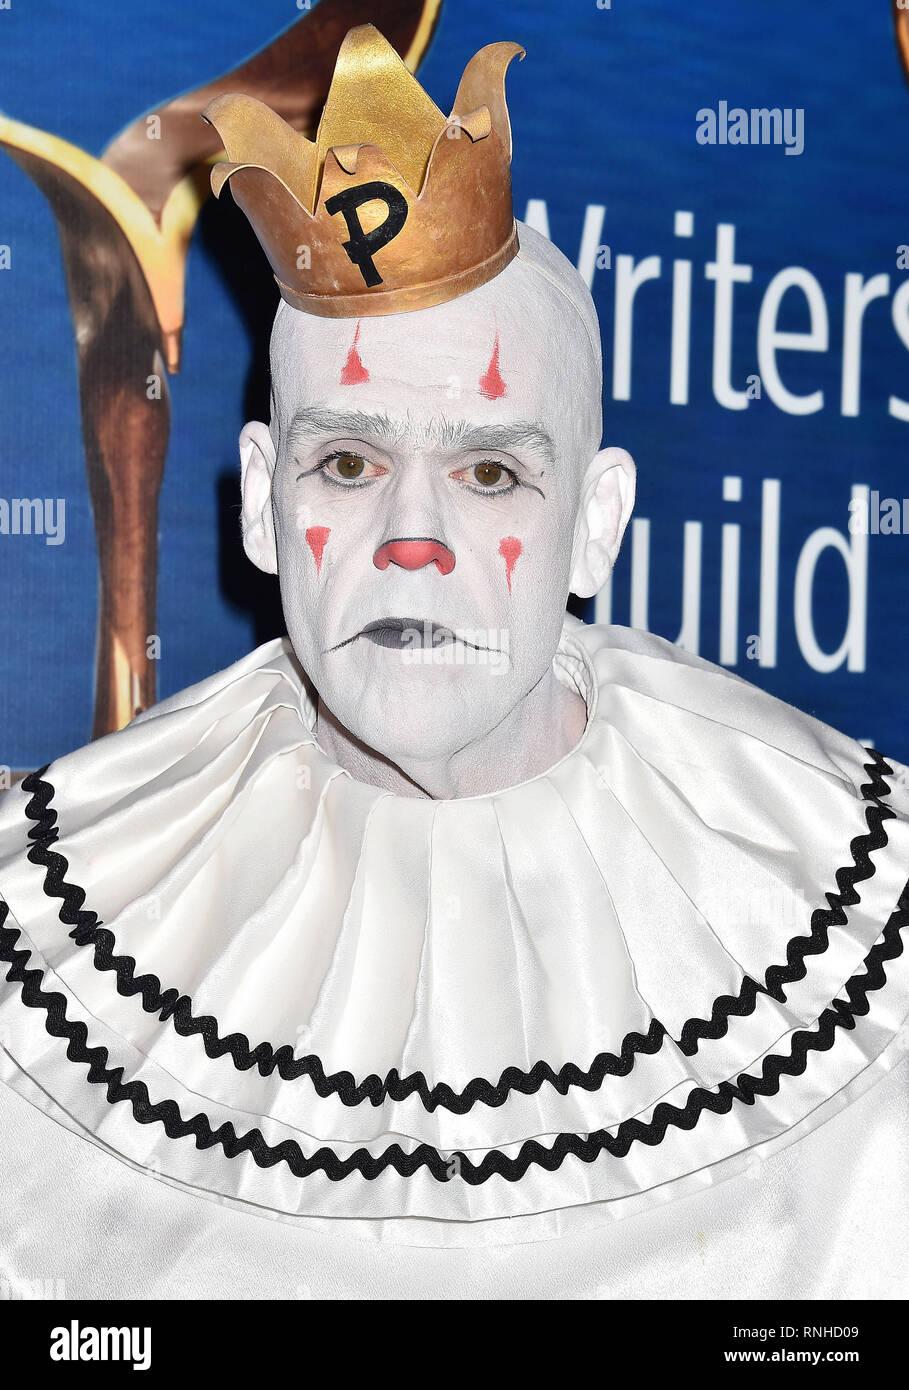 BEVERLY HILLS, CA - 17 febbraio: pozzanghere peccato parte assiste il 2019 Writers Guild Awards L.A. Cerimonia presso il Beverly Hilton Hotel il 17 febbraio 20 Immagini Stock